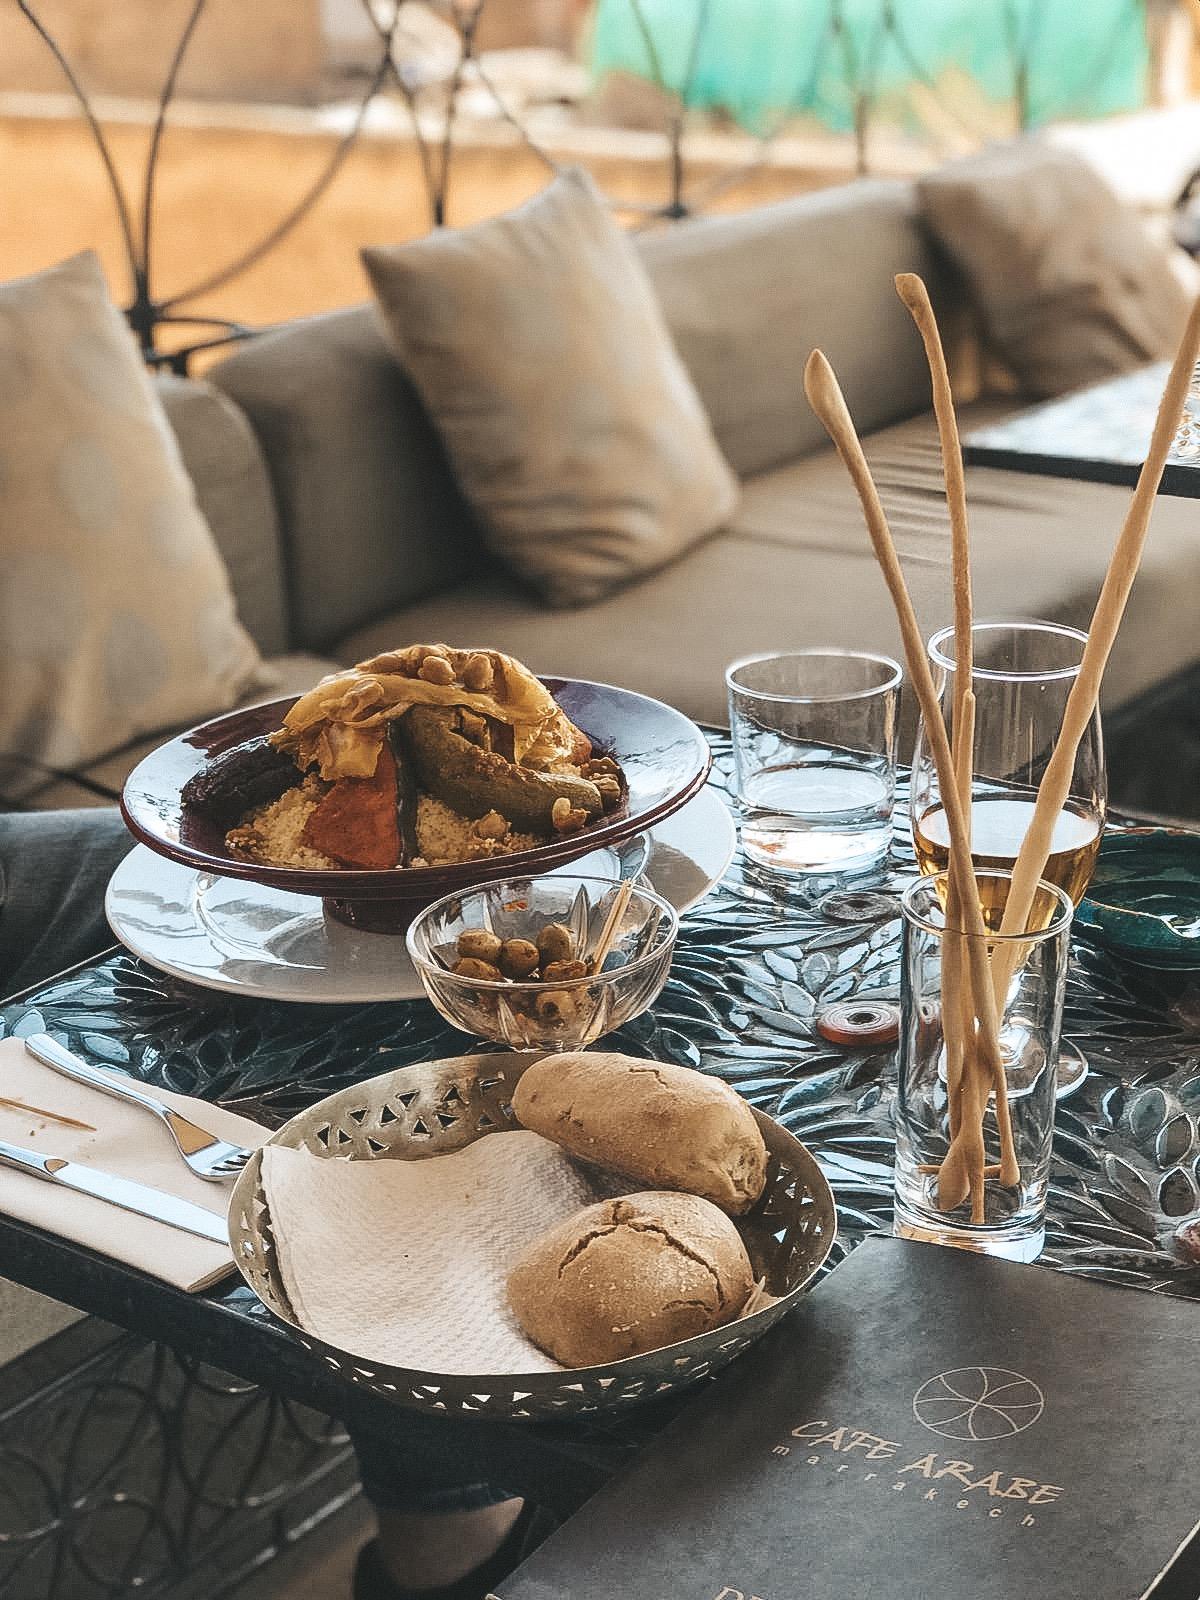 Café Arabe Marrakech Lunch